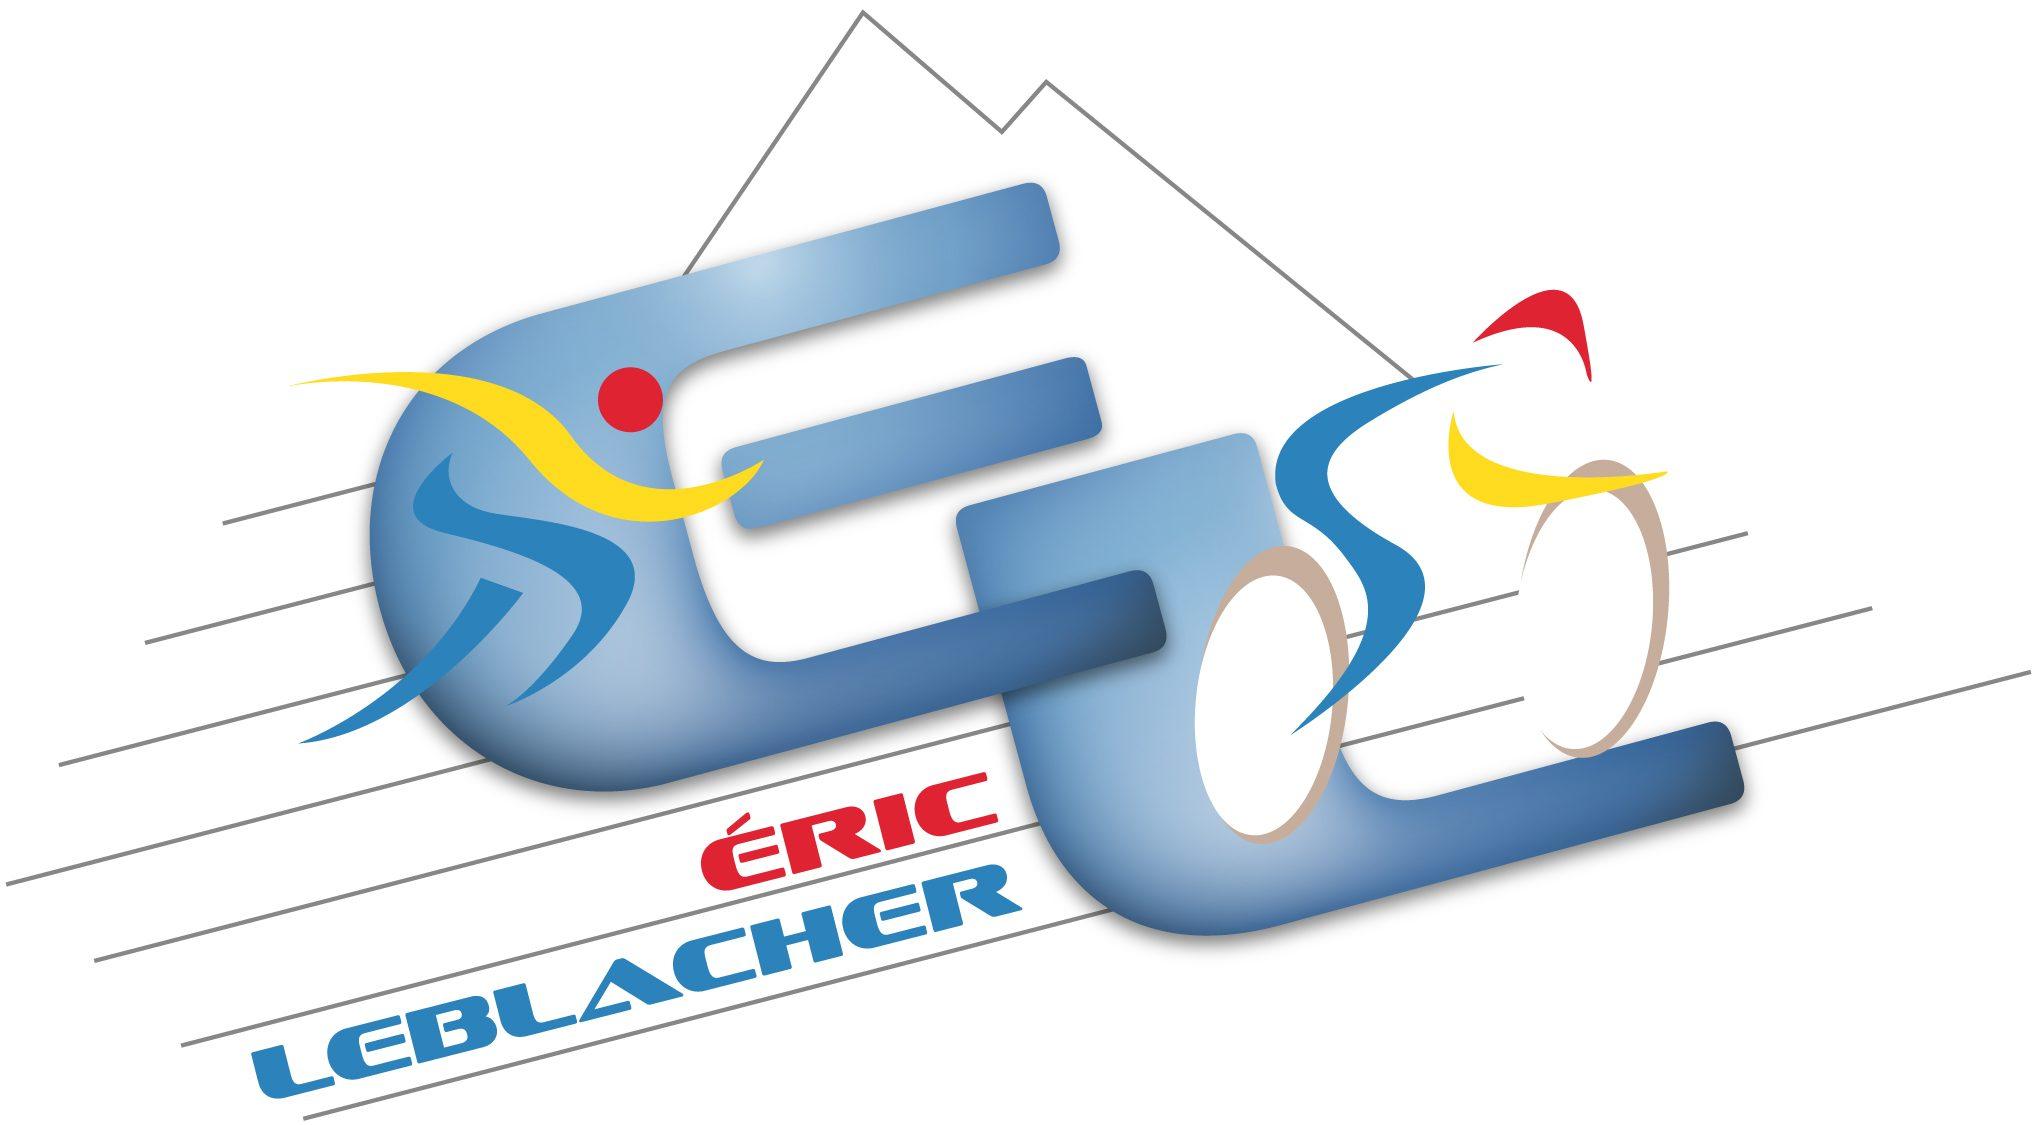 Eric Leblacher